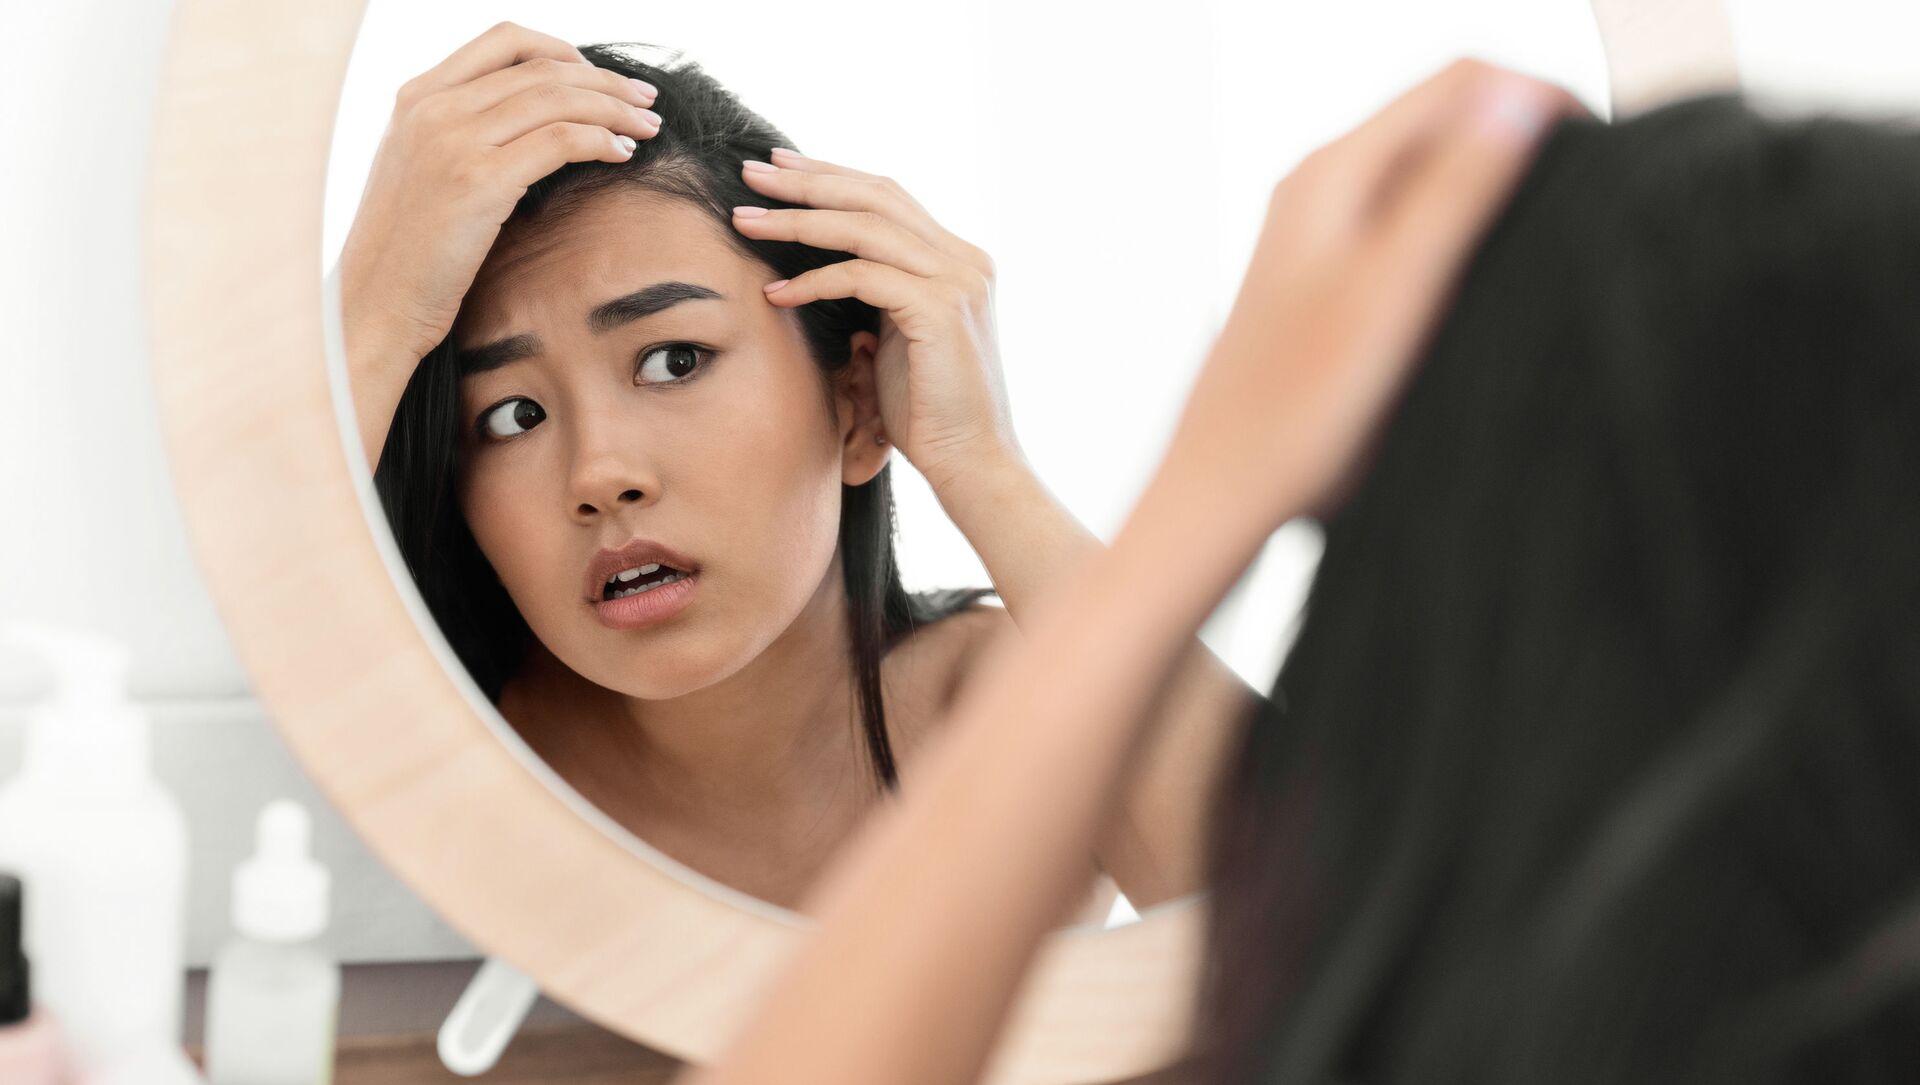 Cô gái đang ngắm mái tóc của mình trước gương - Sputnik Việt Nam, 1920, 22.09.2021